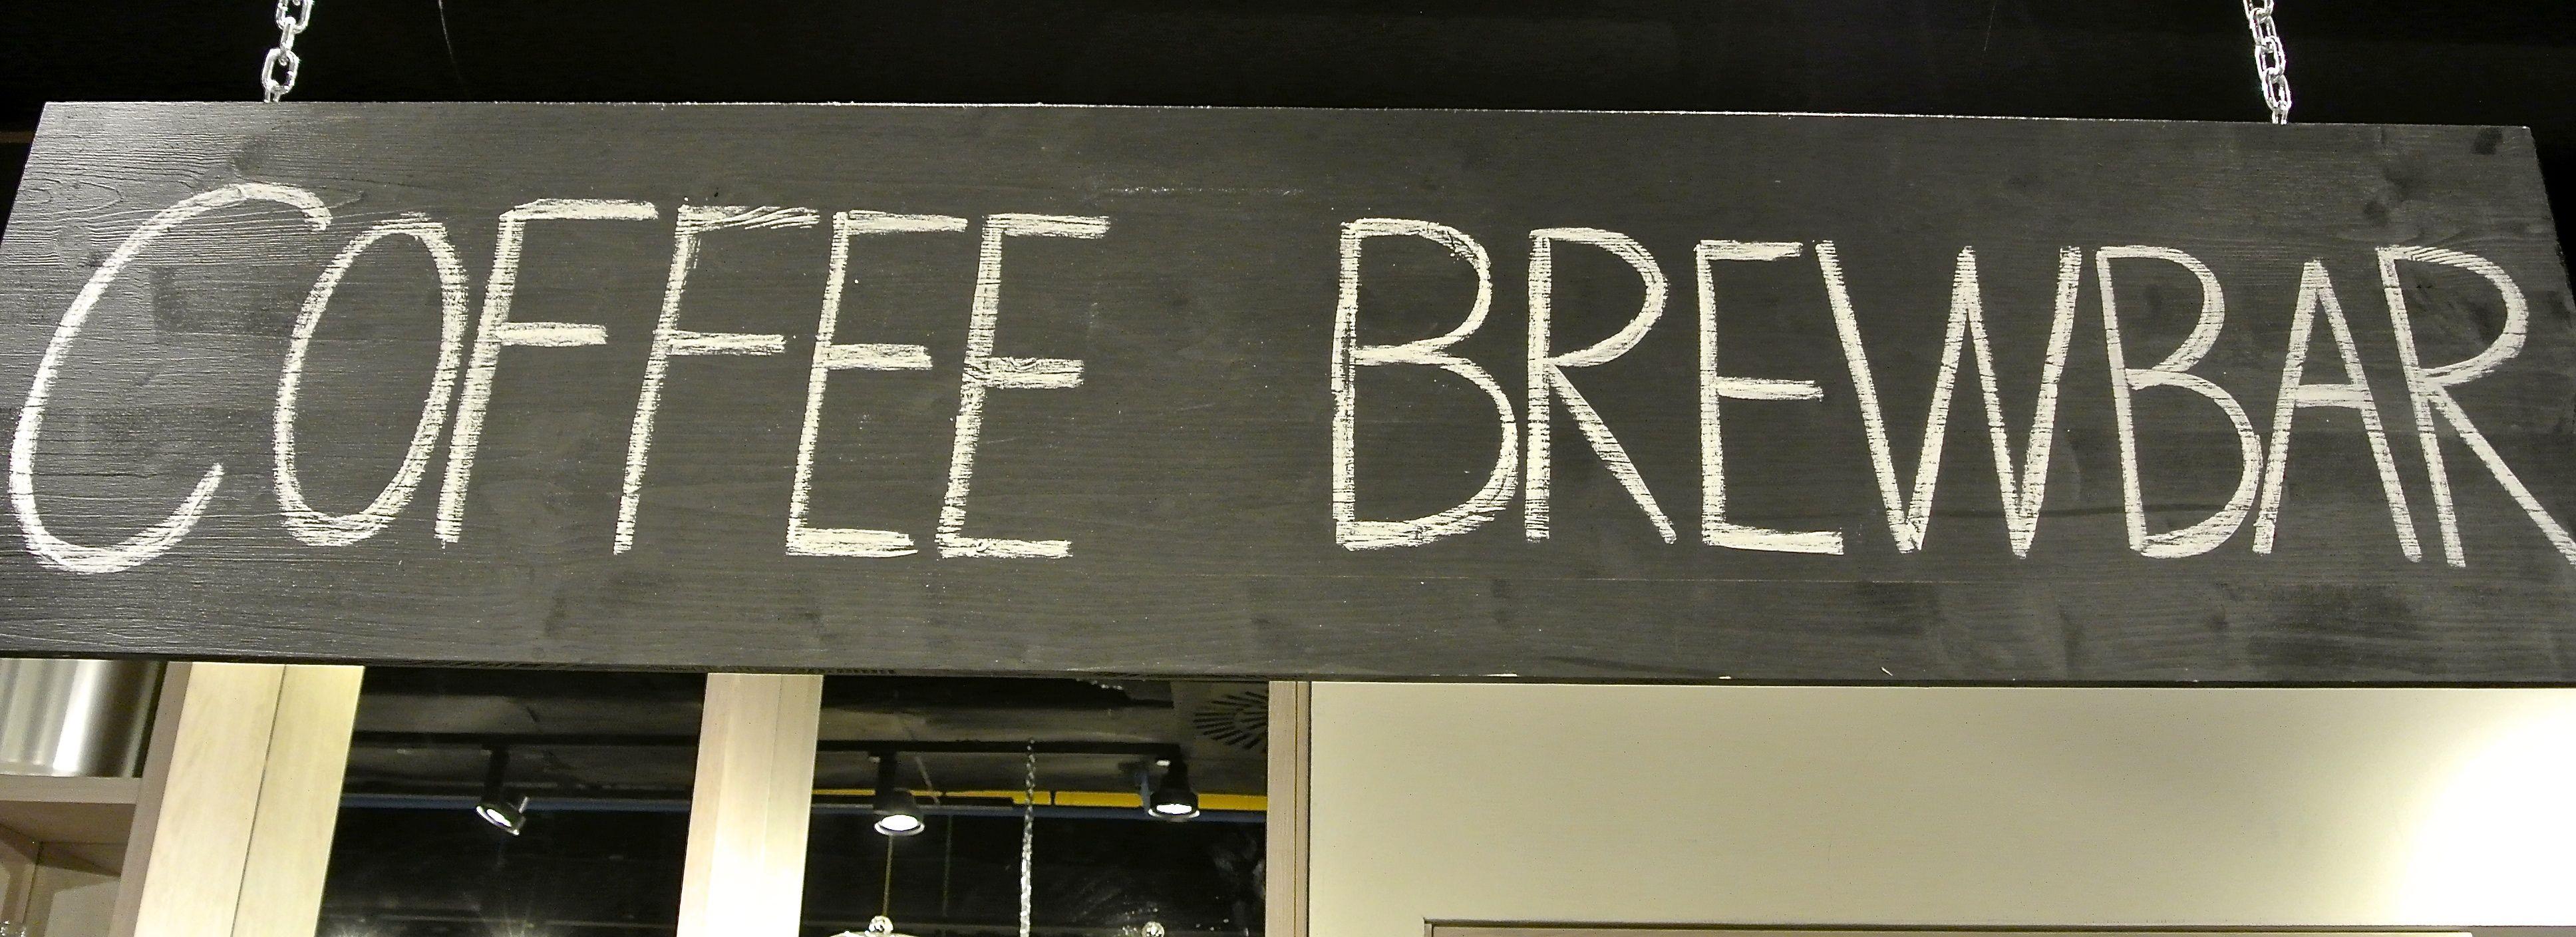 Third Wave Coffee gibt's nicht nur in Hipster-Grätzln: Rauwolf sollte man kennen